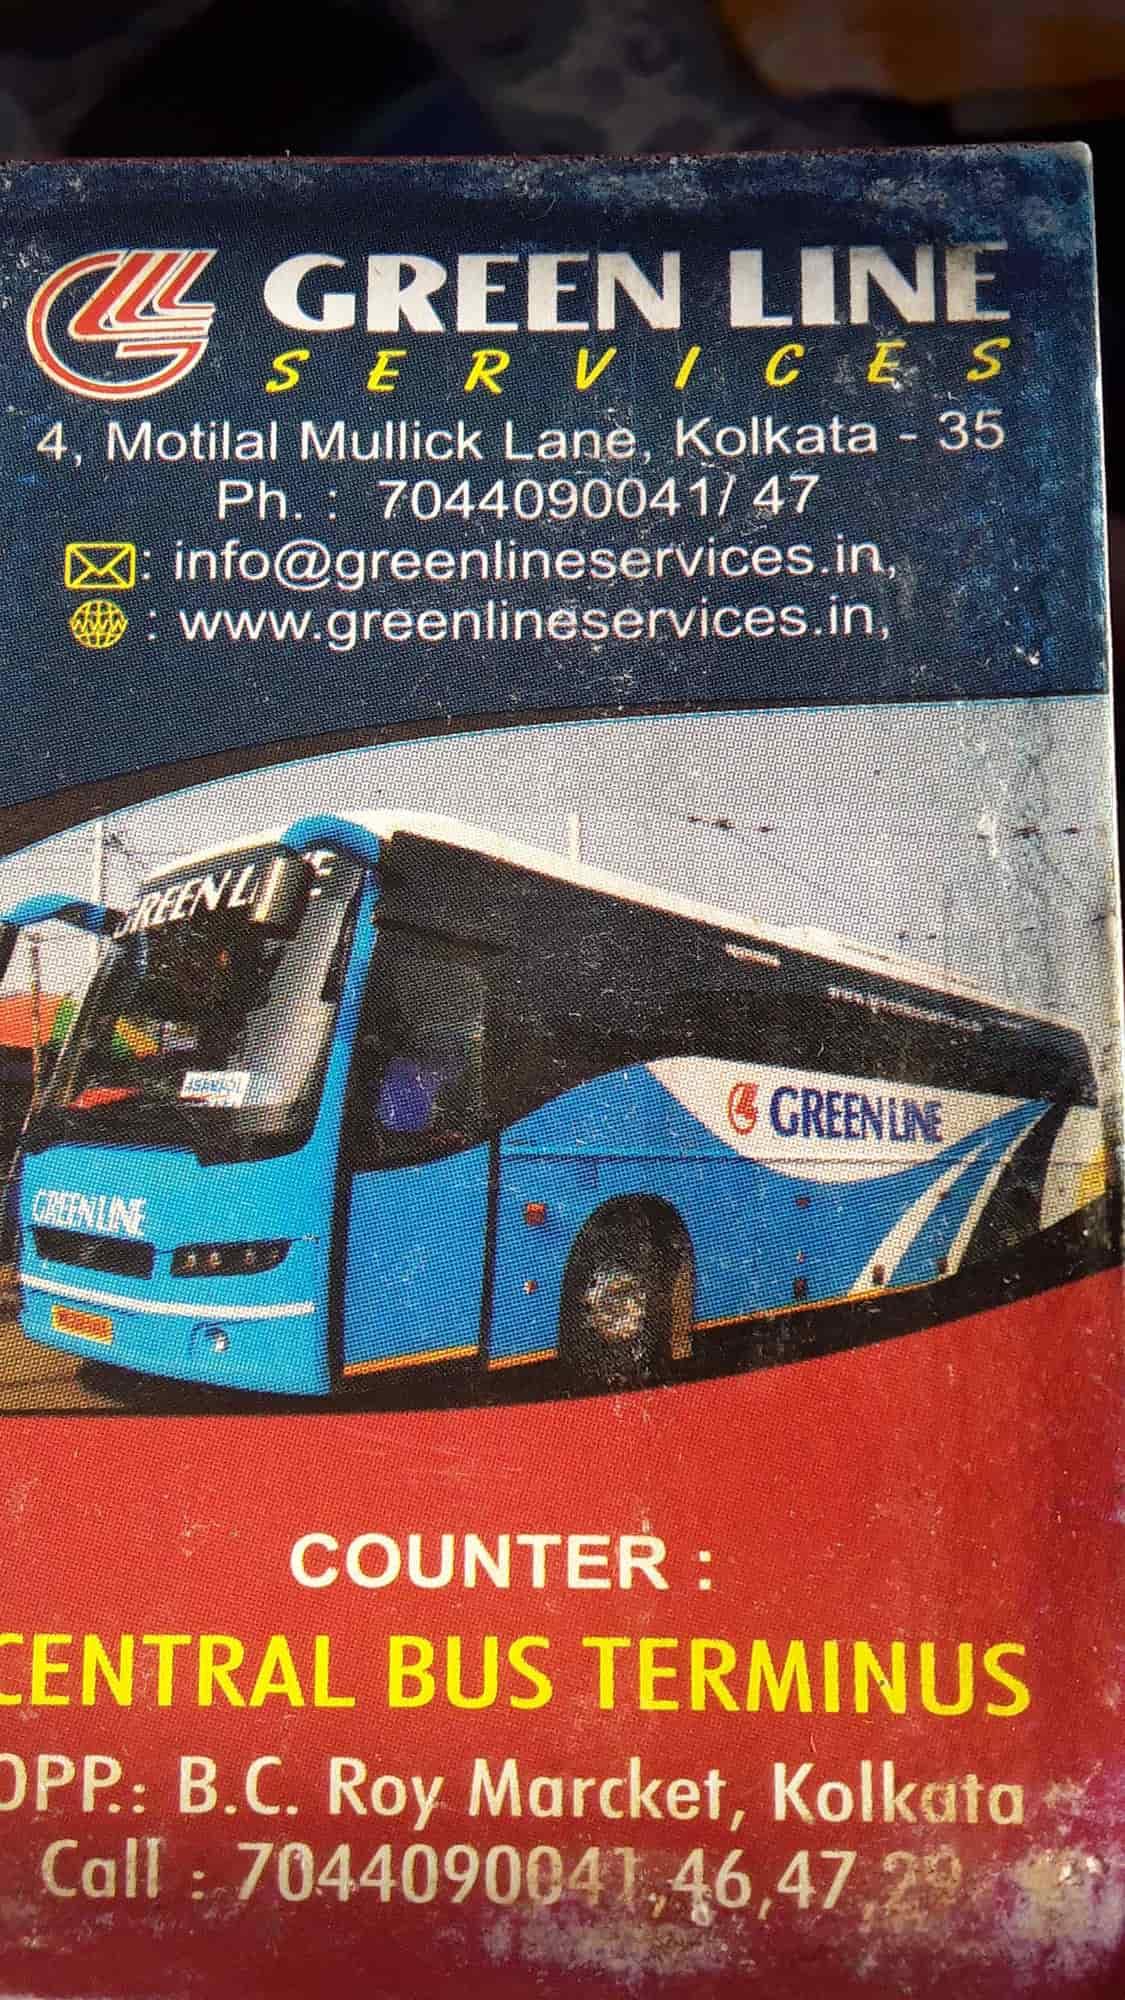 Green Line Photos Asansol Bus Services